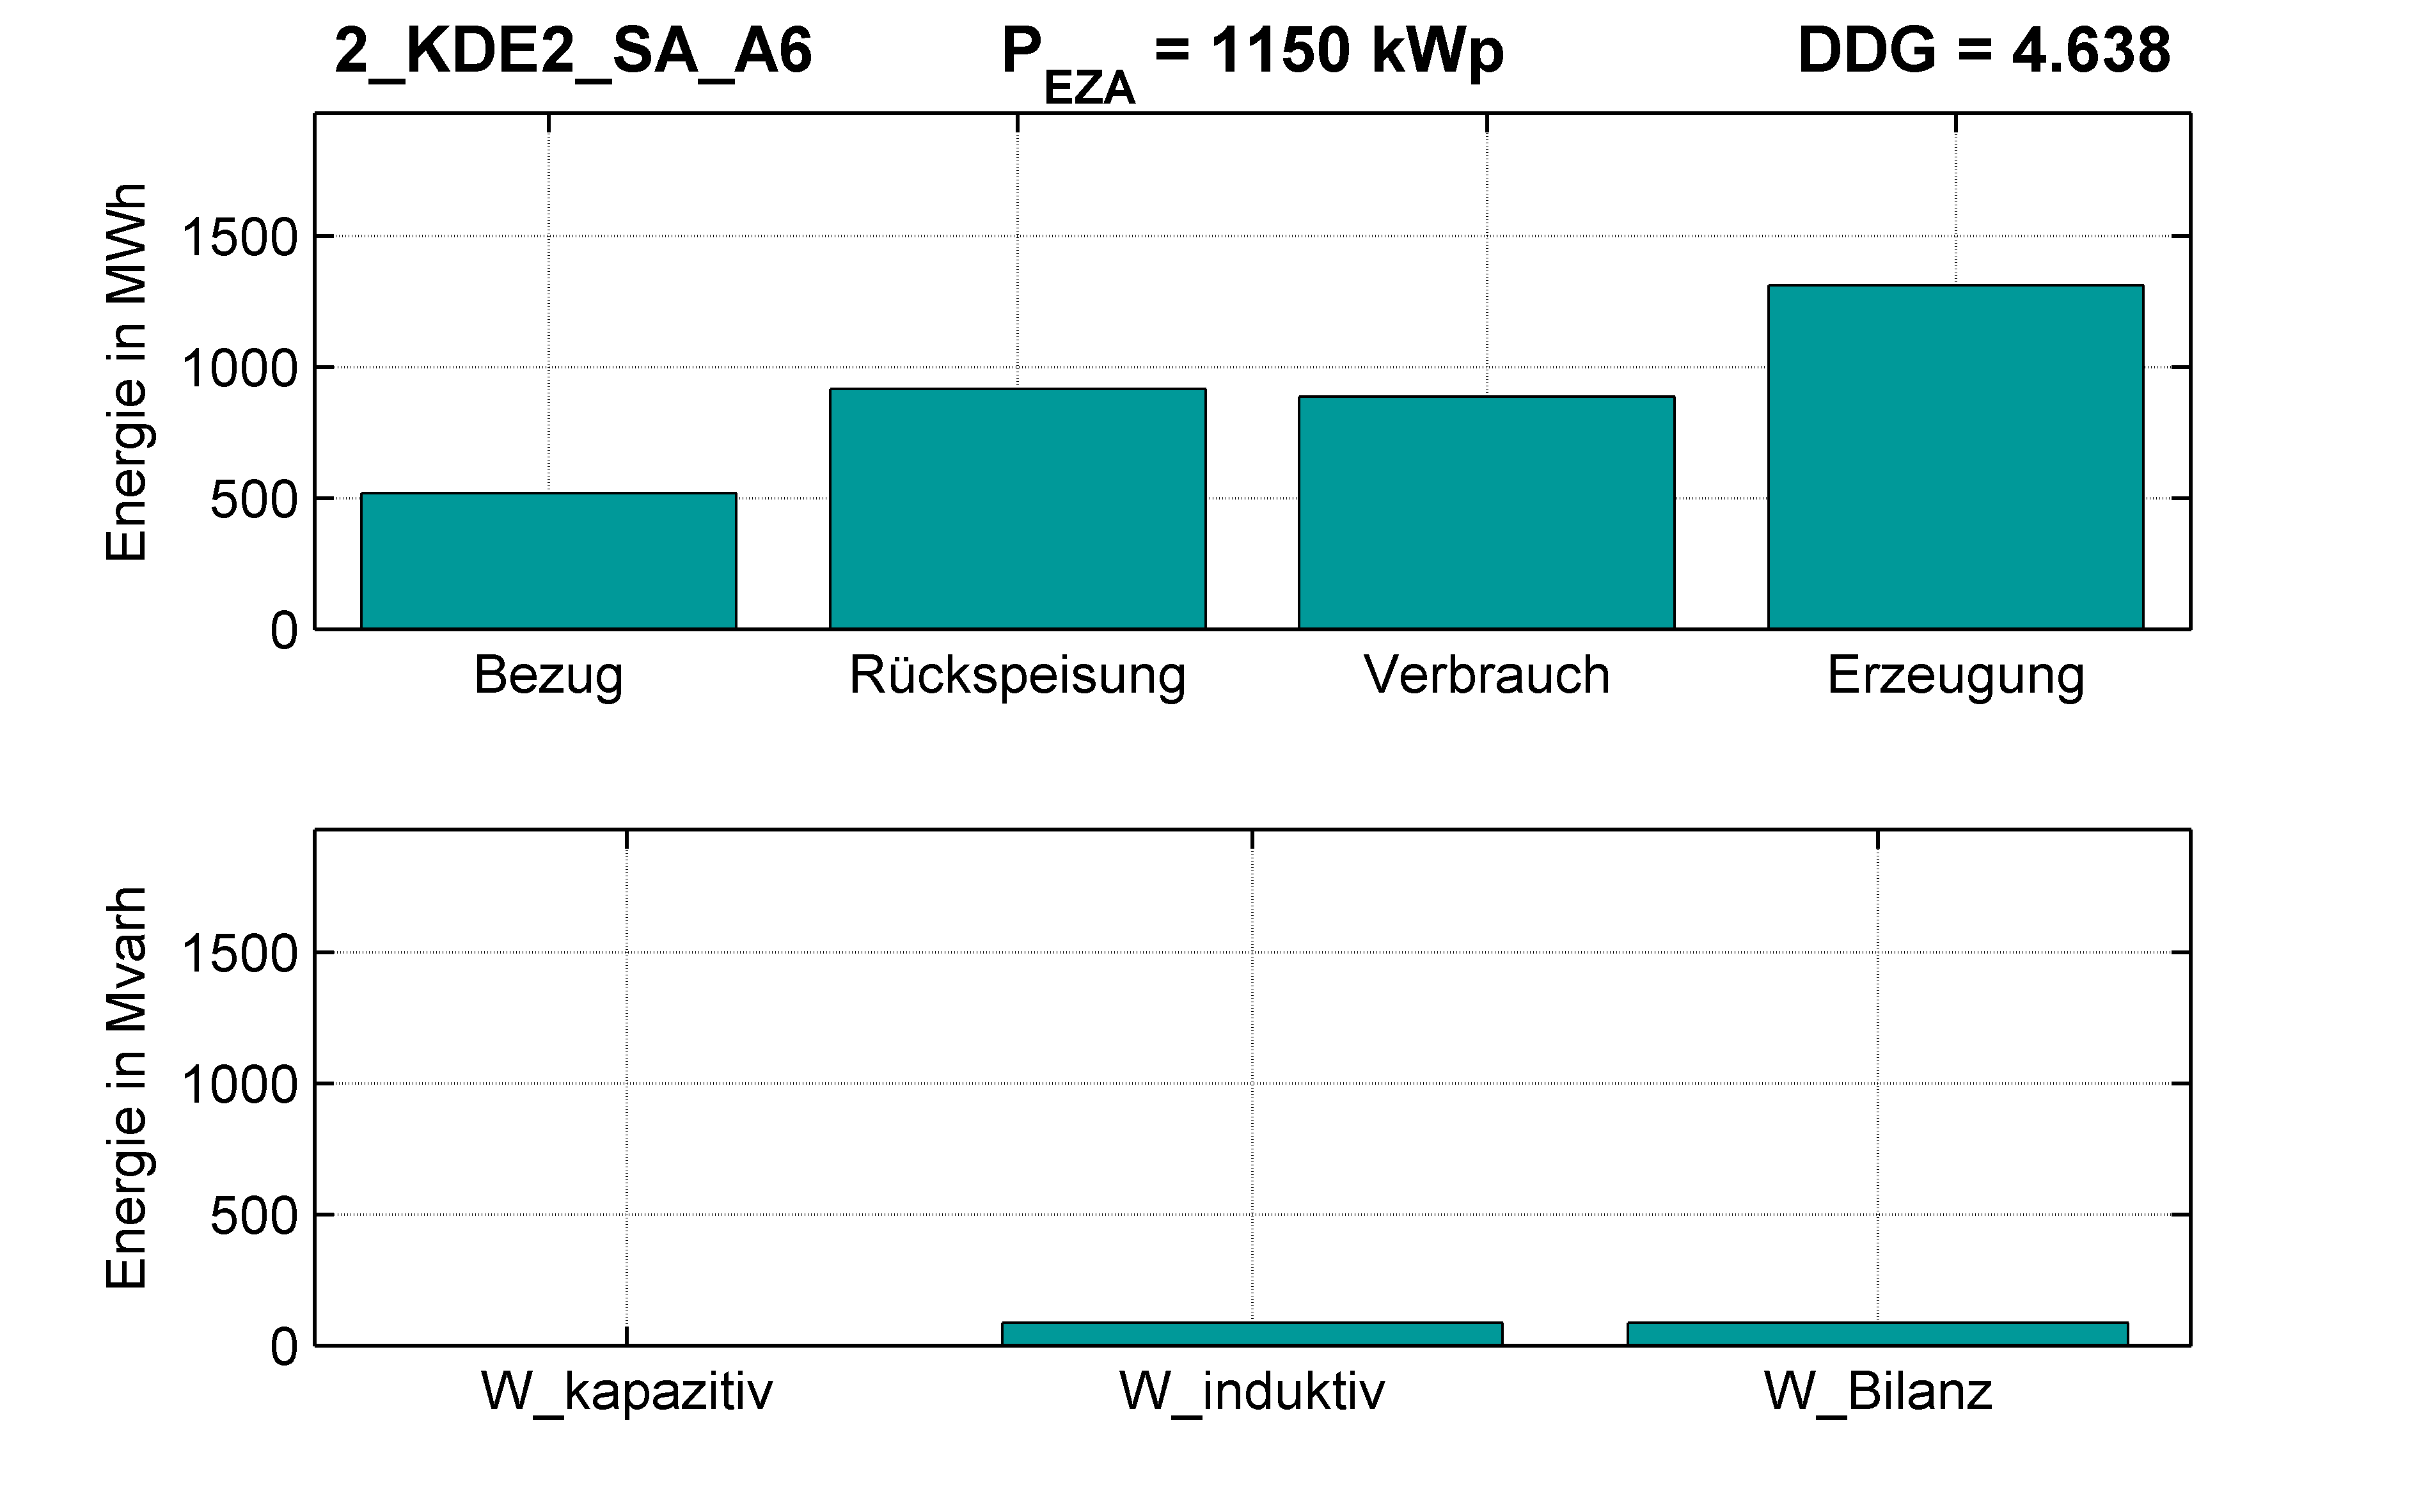 KDE2 | P-Kappung 85% (SA) A6 | PQ-Bilanz